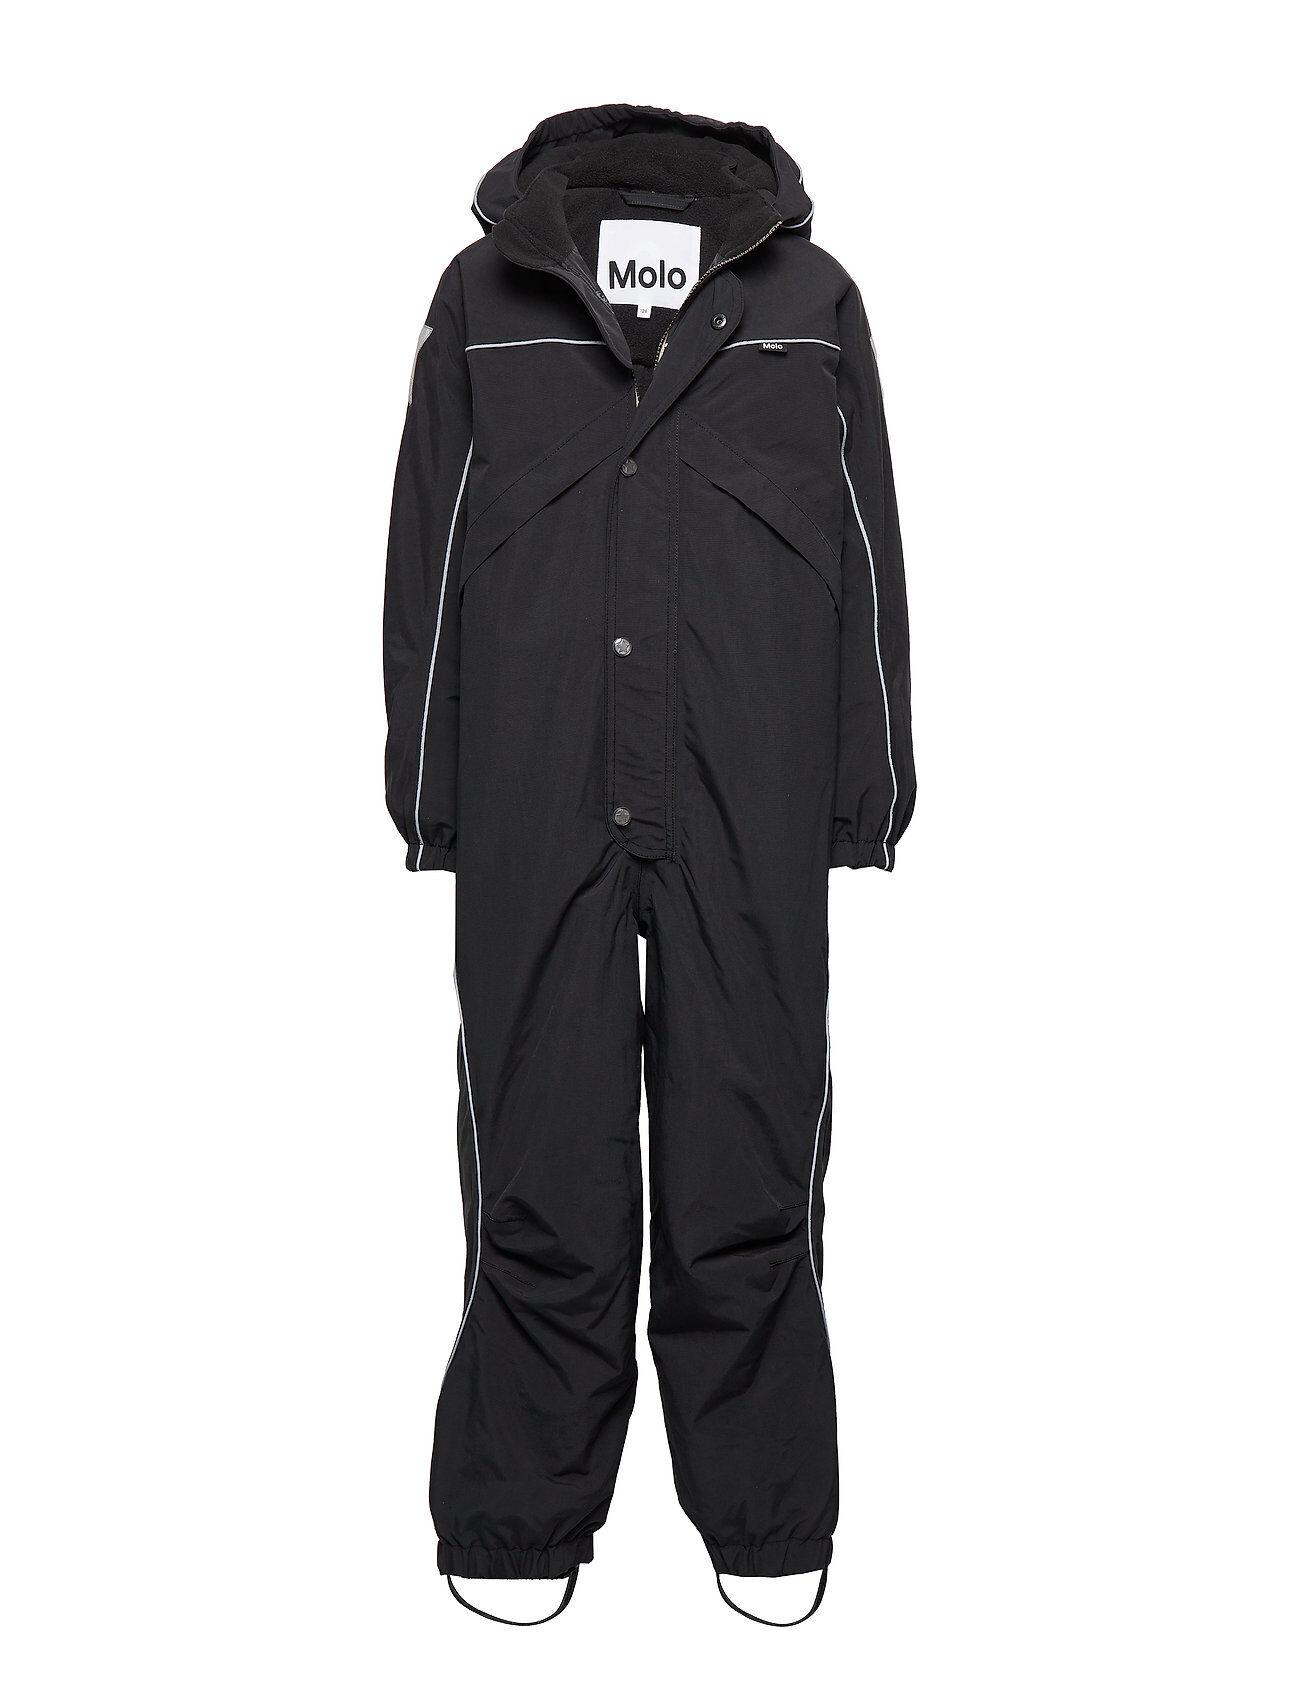 Molo Polaris Outerwear Snow/ski Clothing Snow/ski Suits & Sets Musta Molo